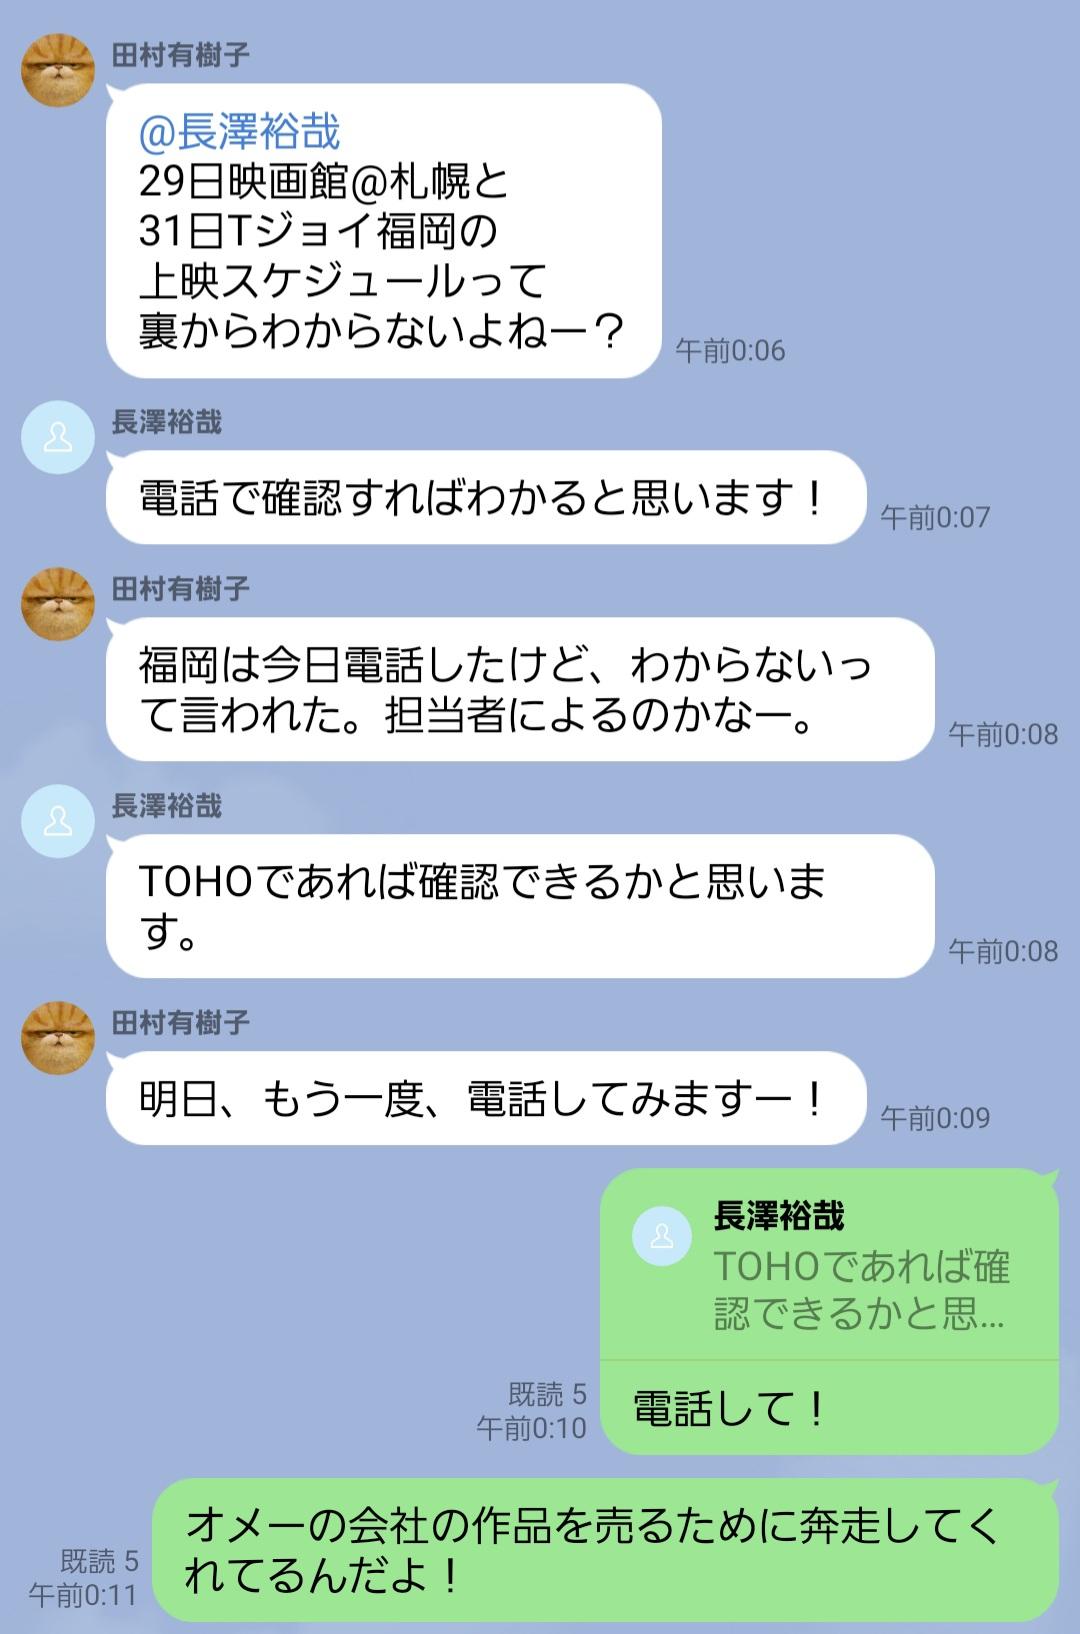 キンコン西野亮廣と吉本マネージャーとのやり取り①